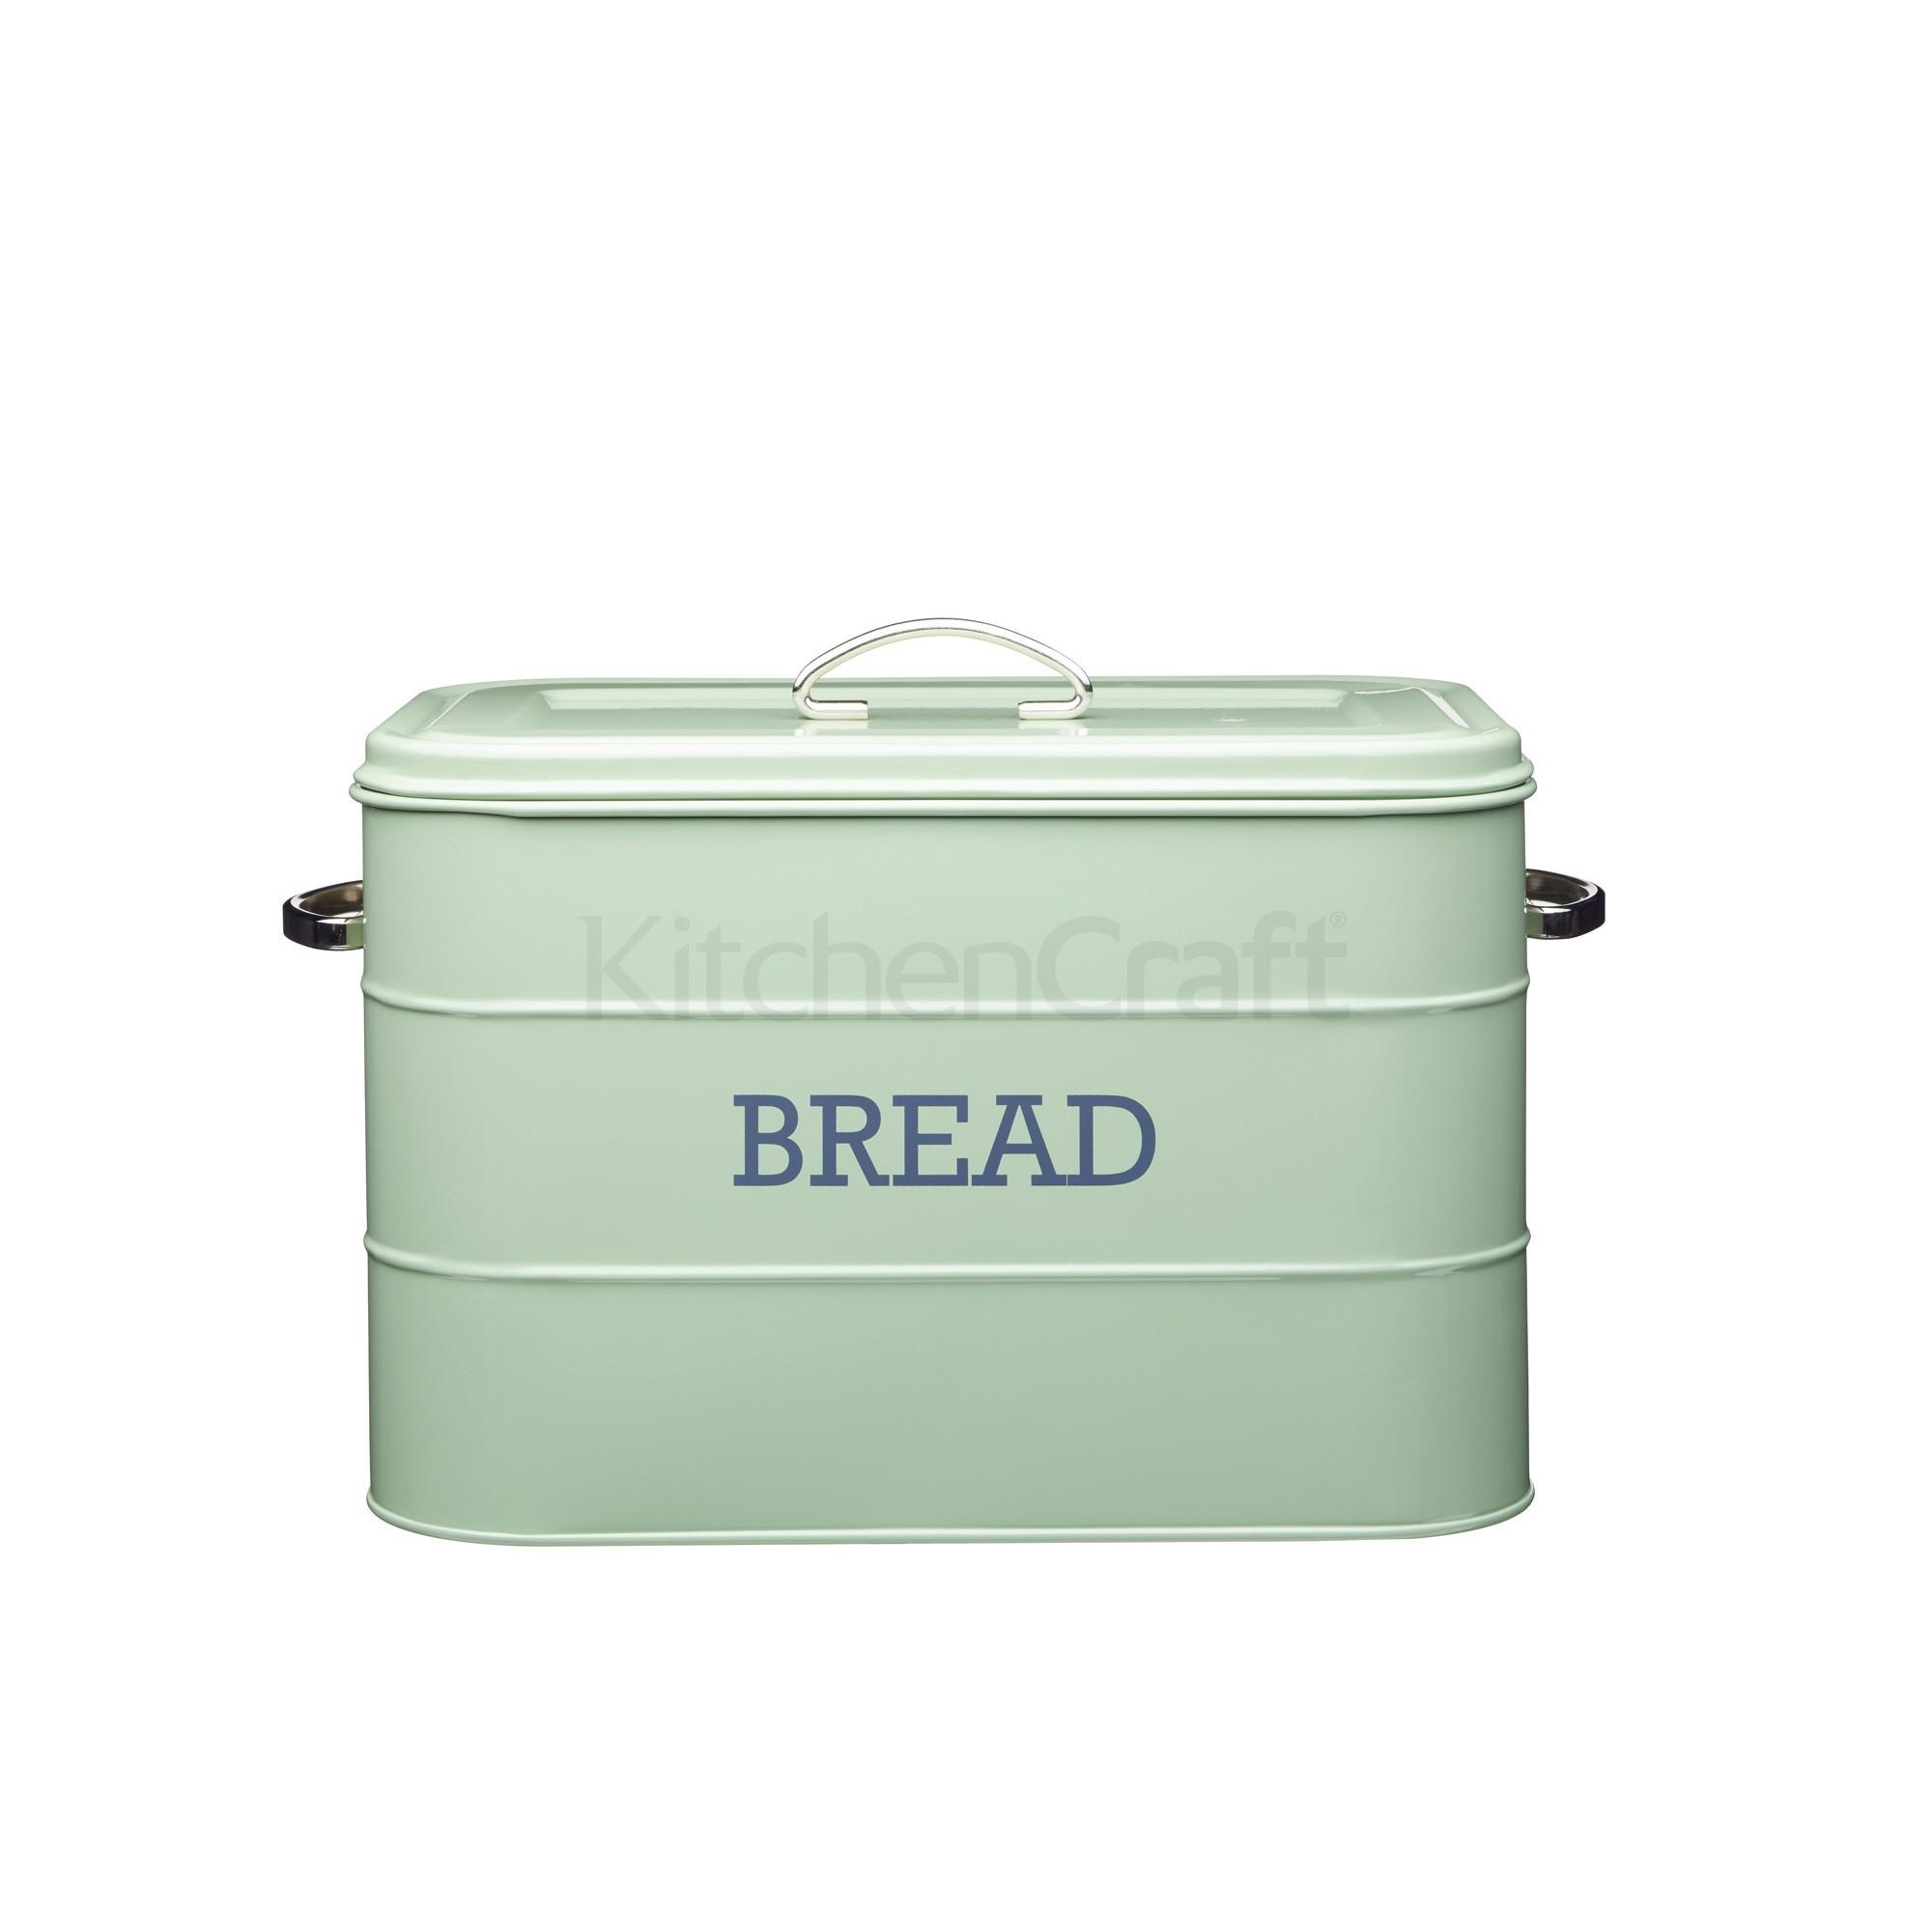 Ψωμιέρα Μεταλλική Living Nostalgia Sage Green By Kitchencraft home   αξεσουαρ κουζινας   ψωμιέρες   φρουτιέρες